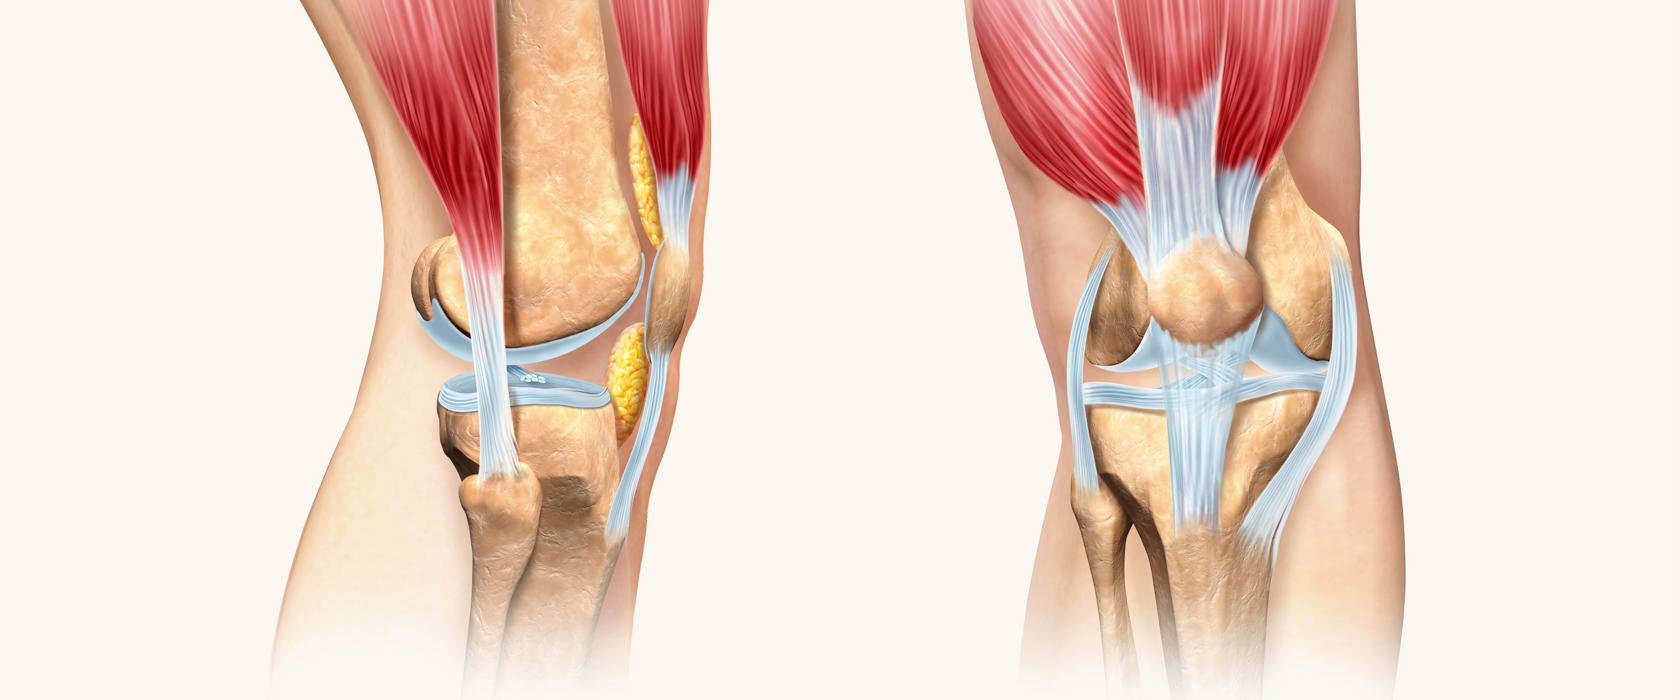 Коленный сустав: анатомия и физиология. Кости, связки, мышцы